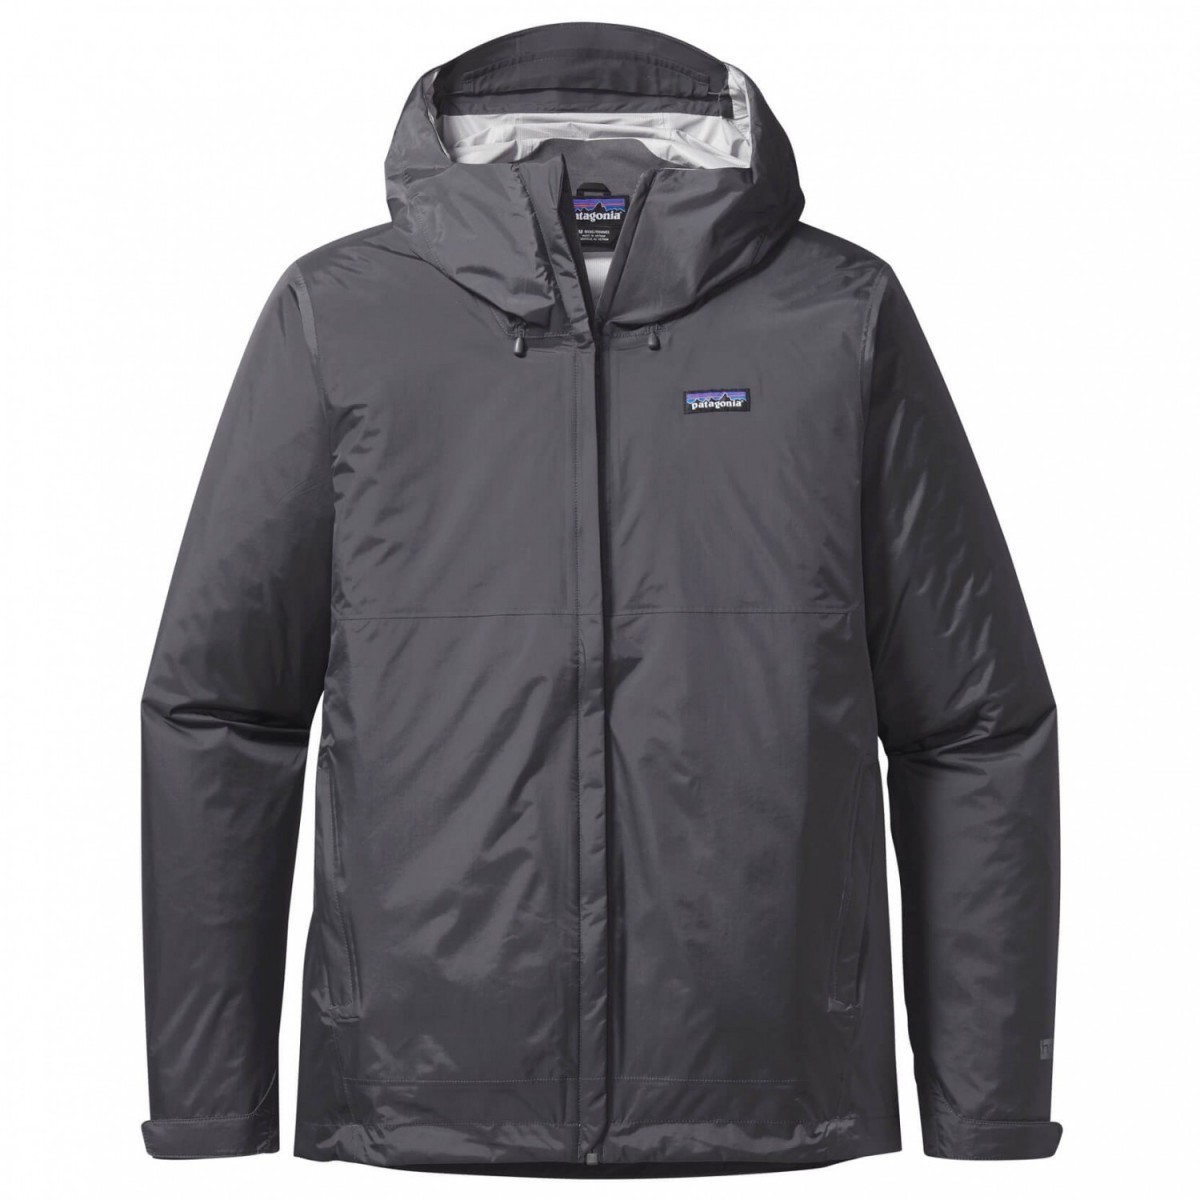 パタゴニア Torrentshell Jacket (Forge Grey)